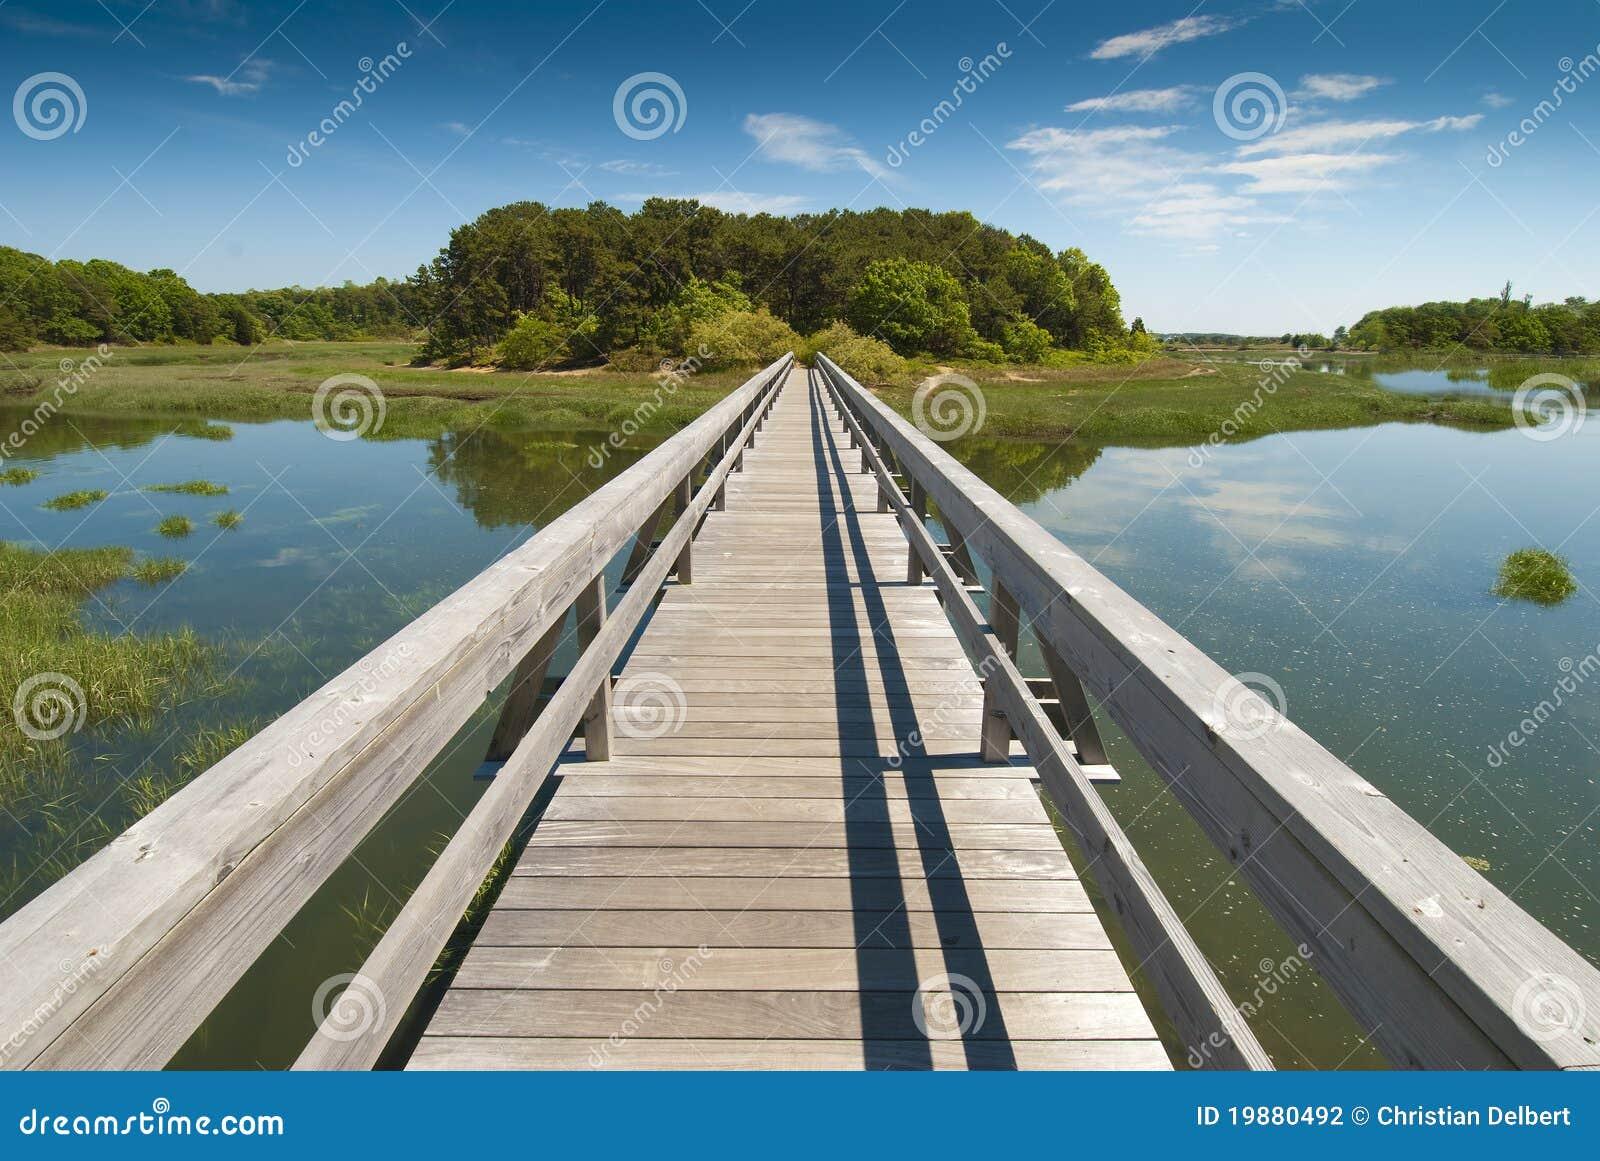 木桥梁的透视图